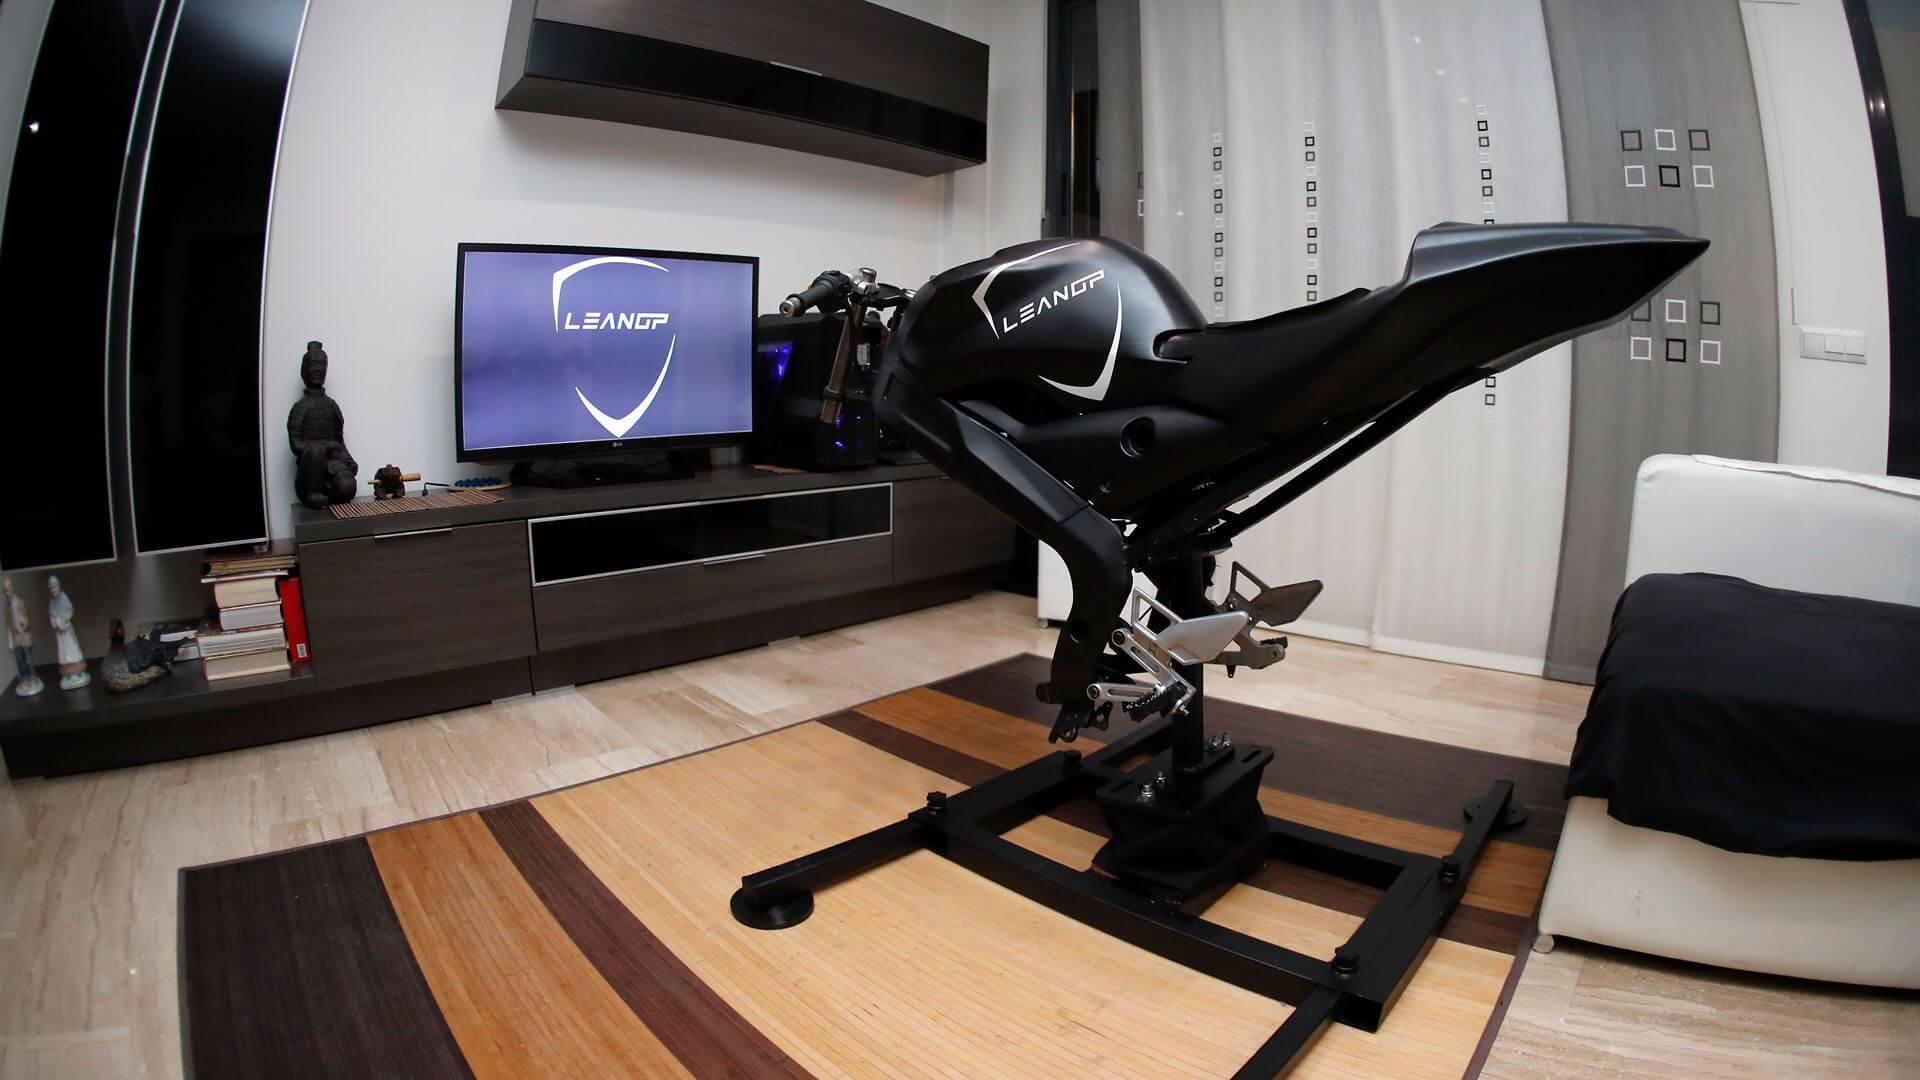 simulador-de-motos-leangp